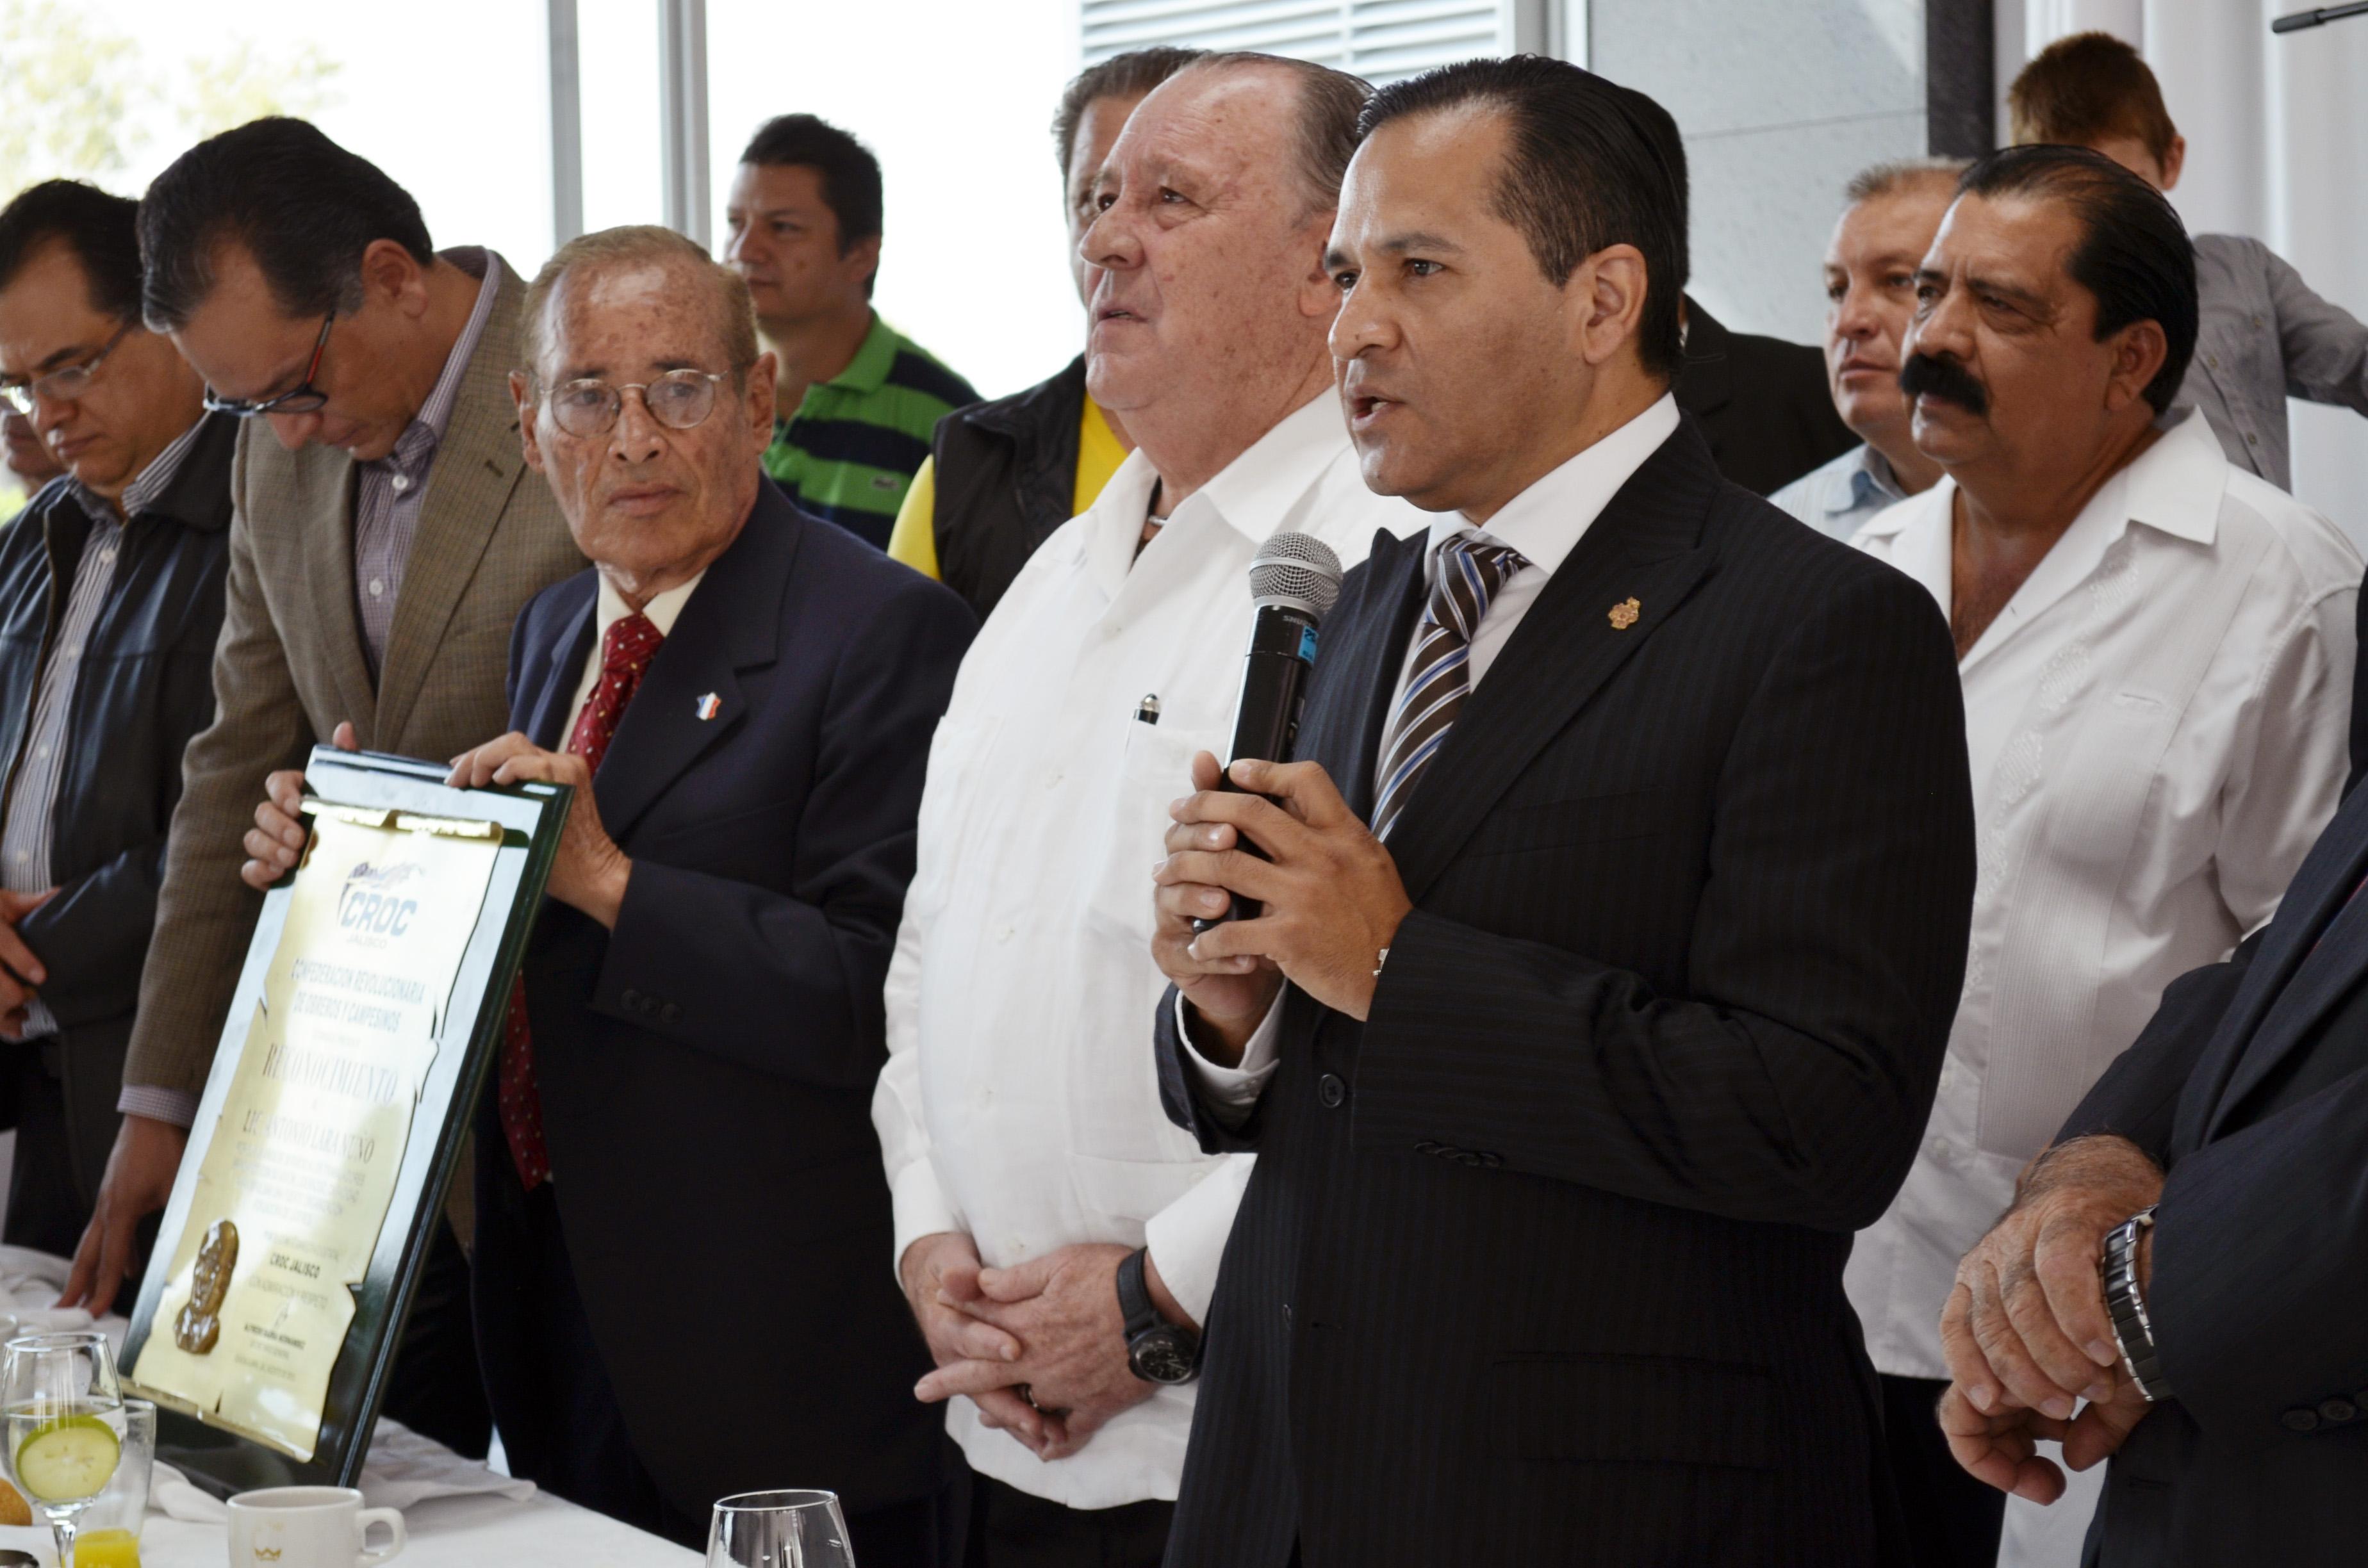 Concreta STPS acciones para restituir legalidad en la Junta Local de Conciliación y Arbitraje